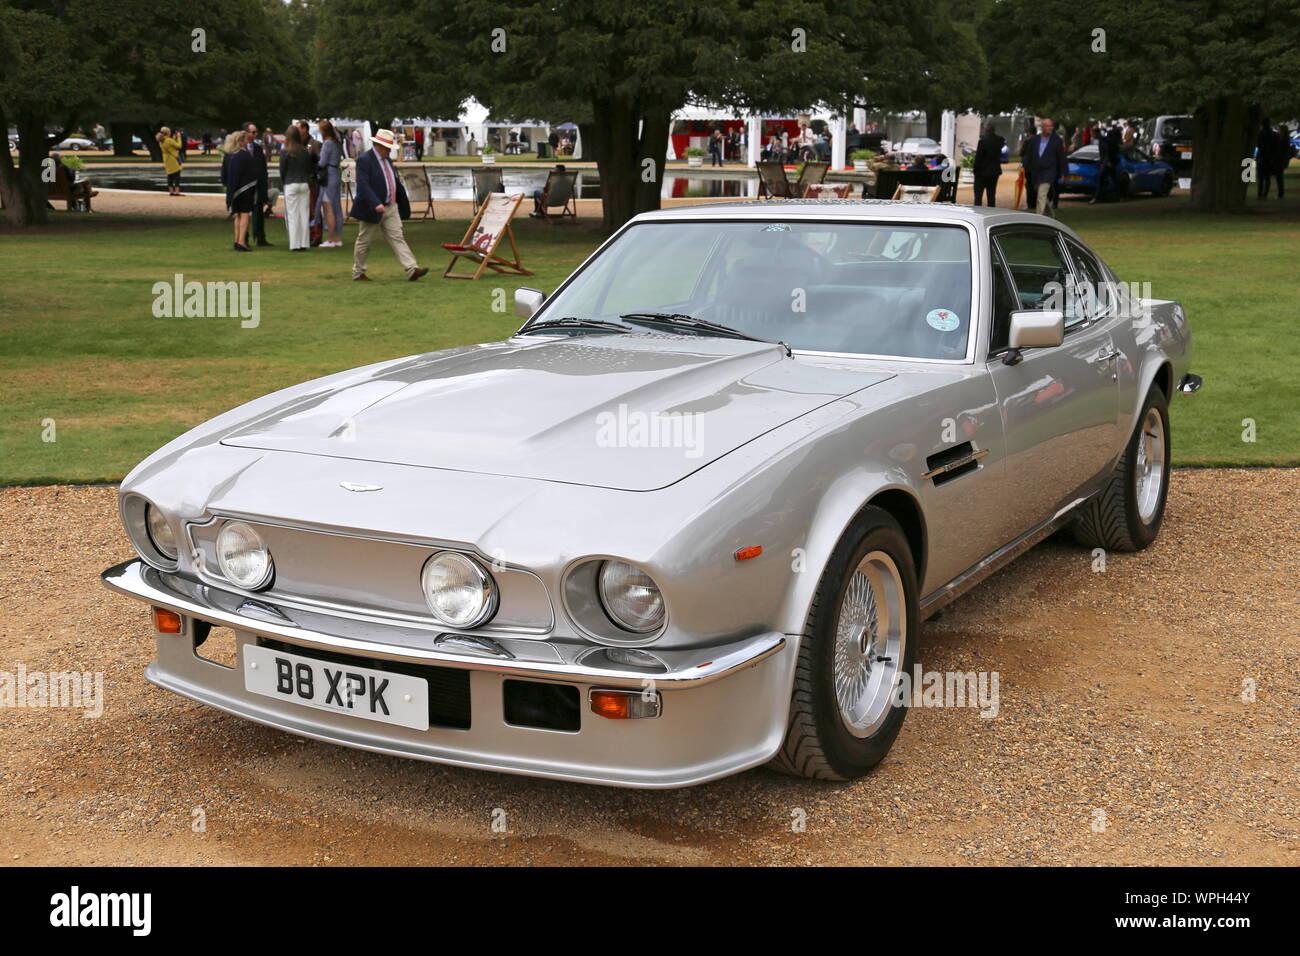 Aston Martin V8 Vantage Stockfotos Und Bilder Kaufen Alamy